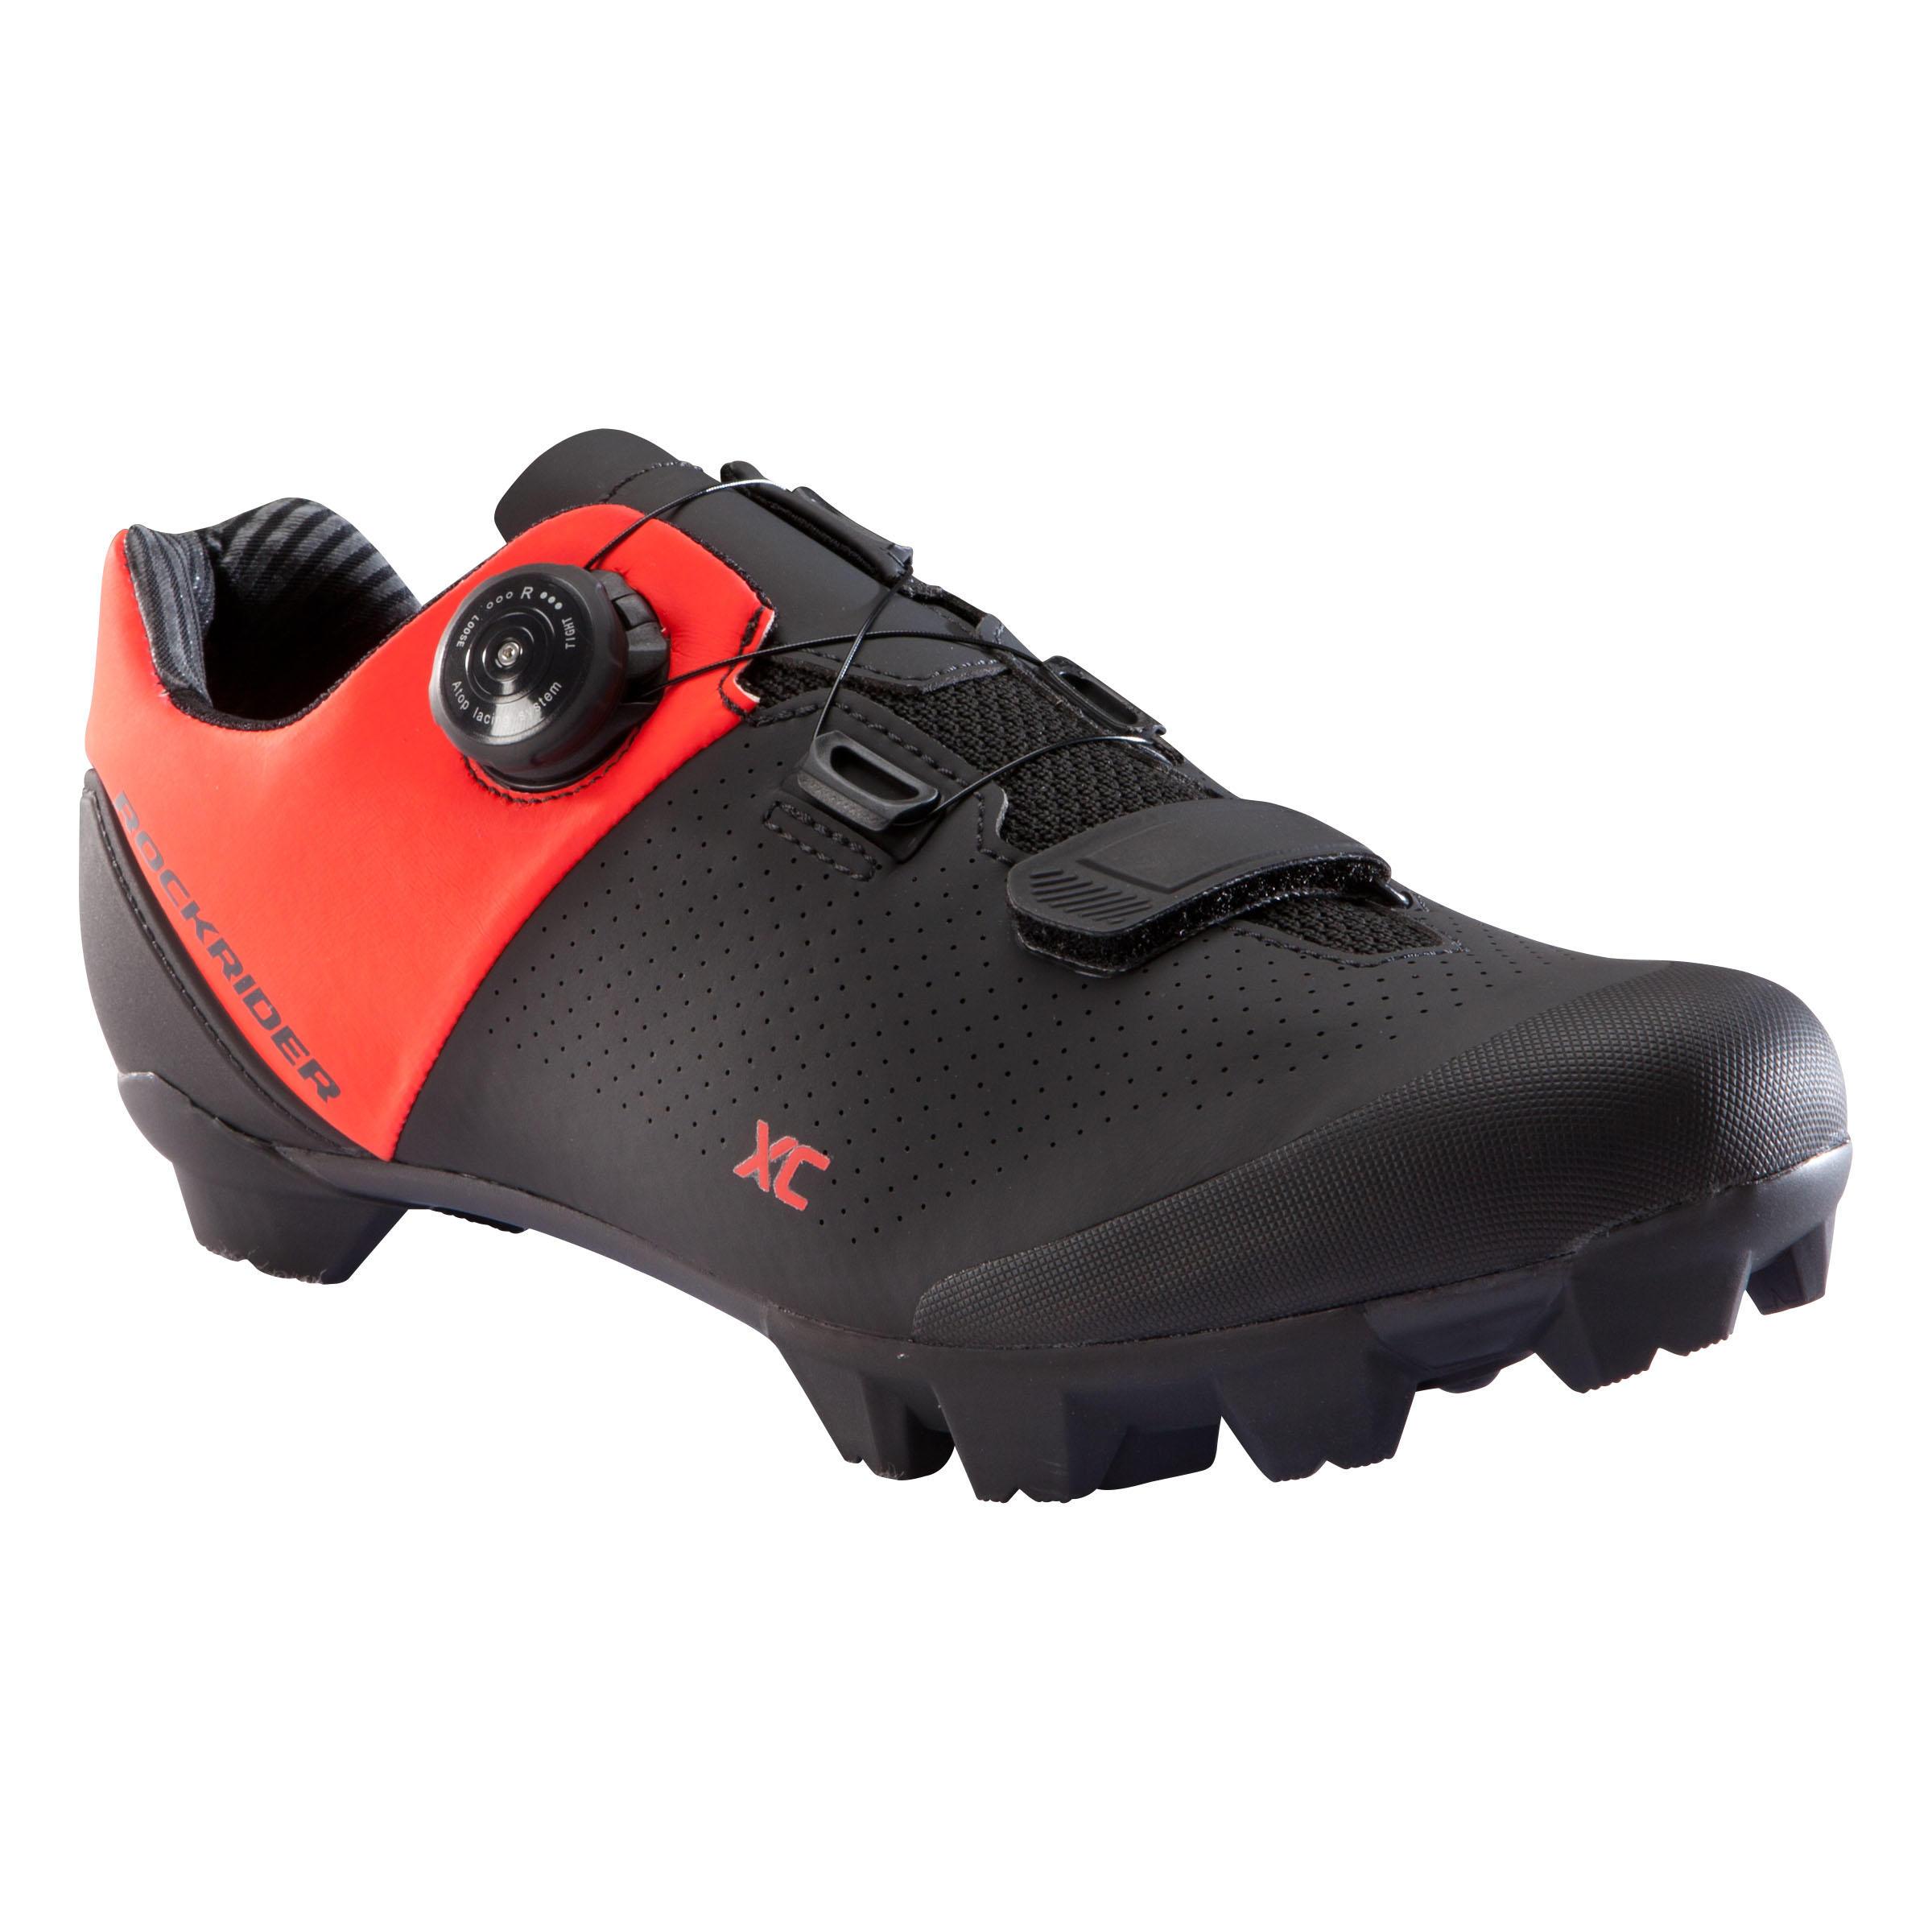 Fahrradschuhe MTB 500 XC rot | Schuhe > Sportschuhe > Fahrradschuhe | Rot - Schwarz | Rockrider